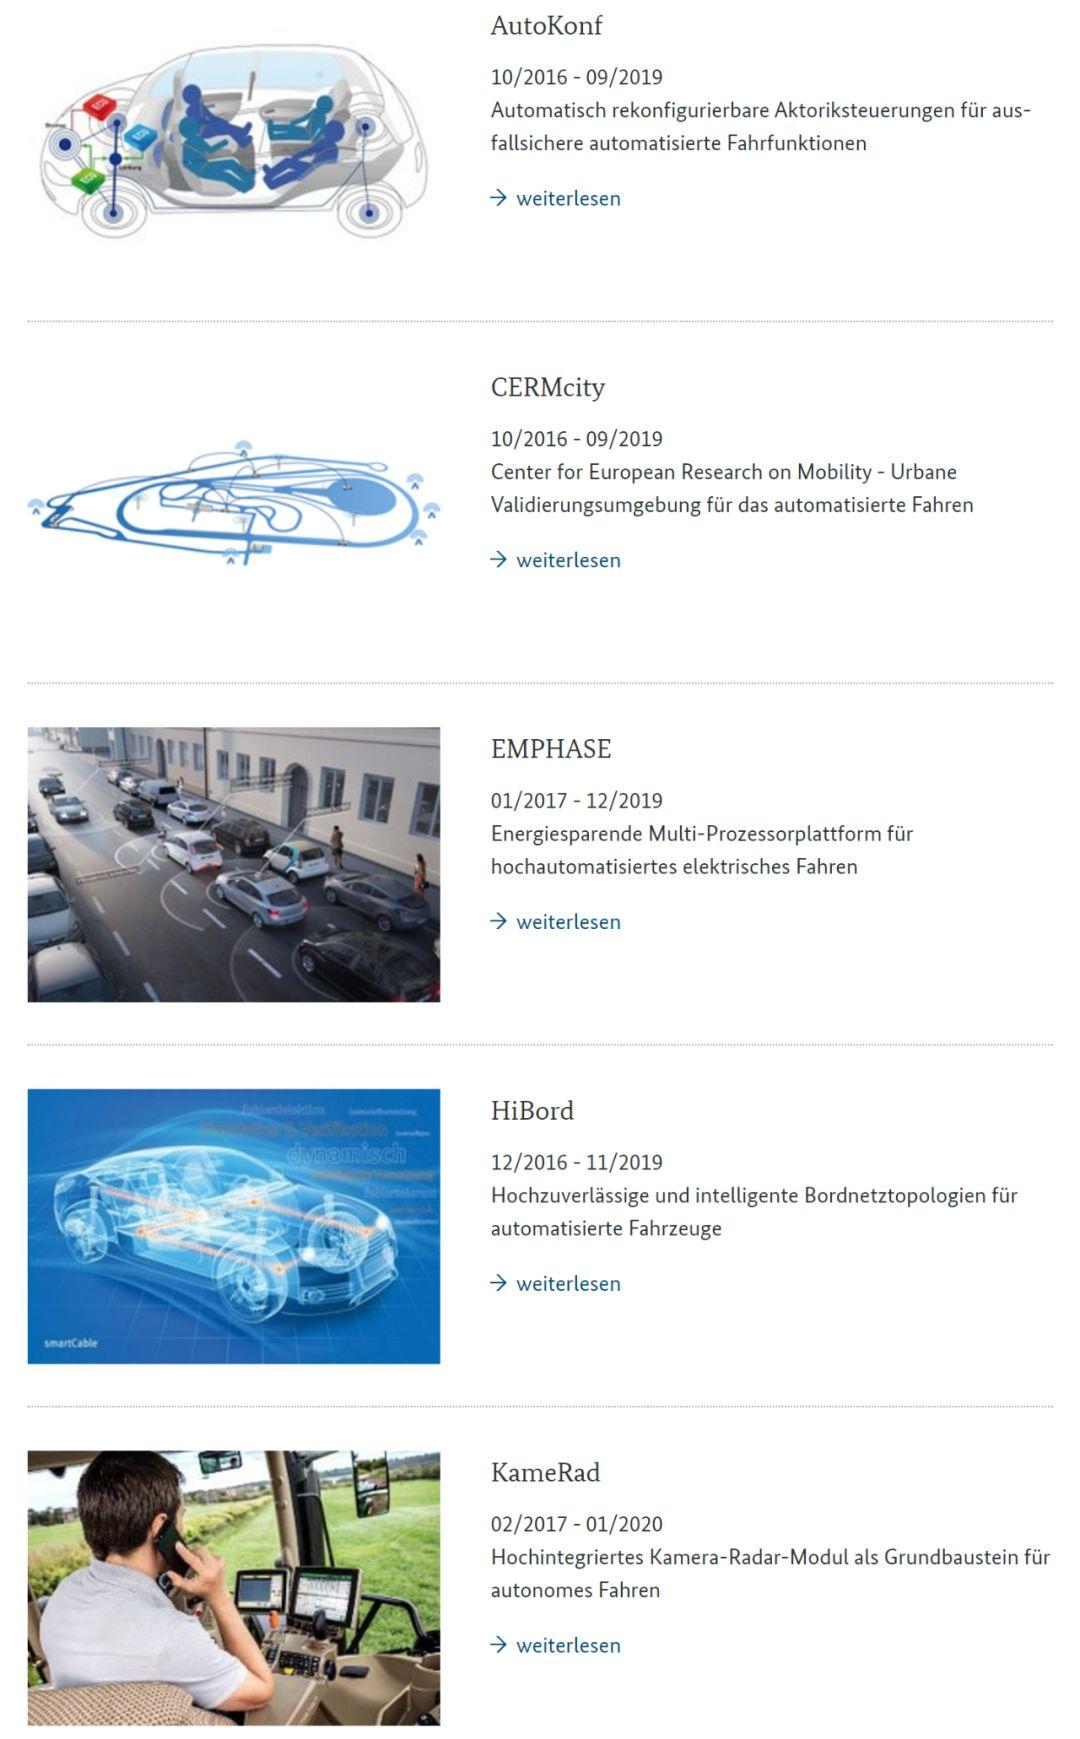 关于欧盟项目Kamerad的分析和介绍